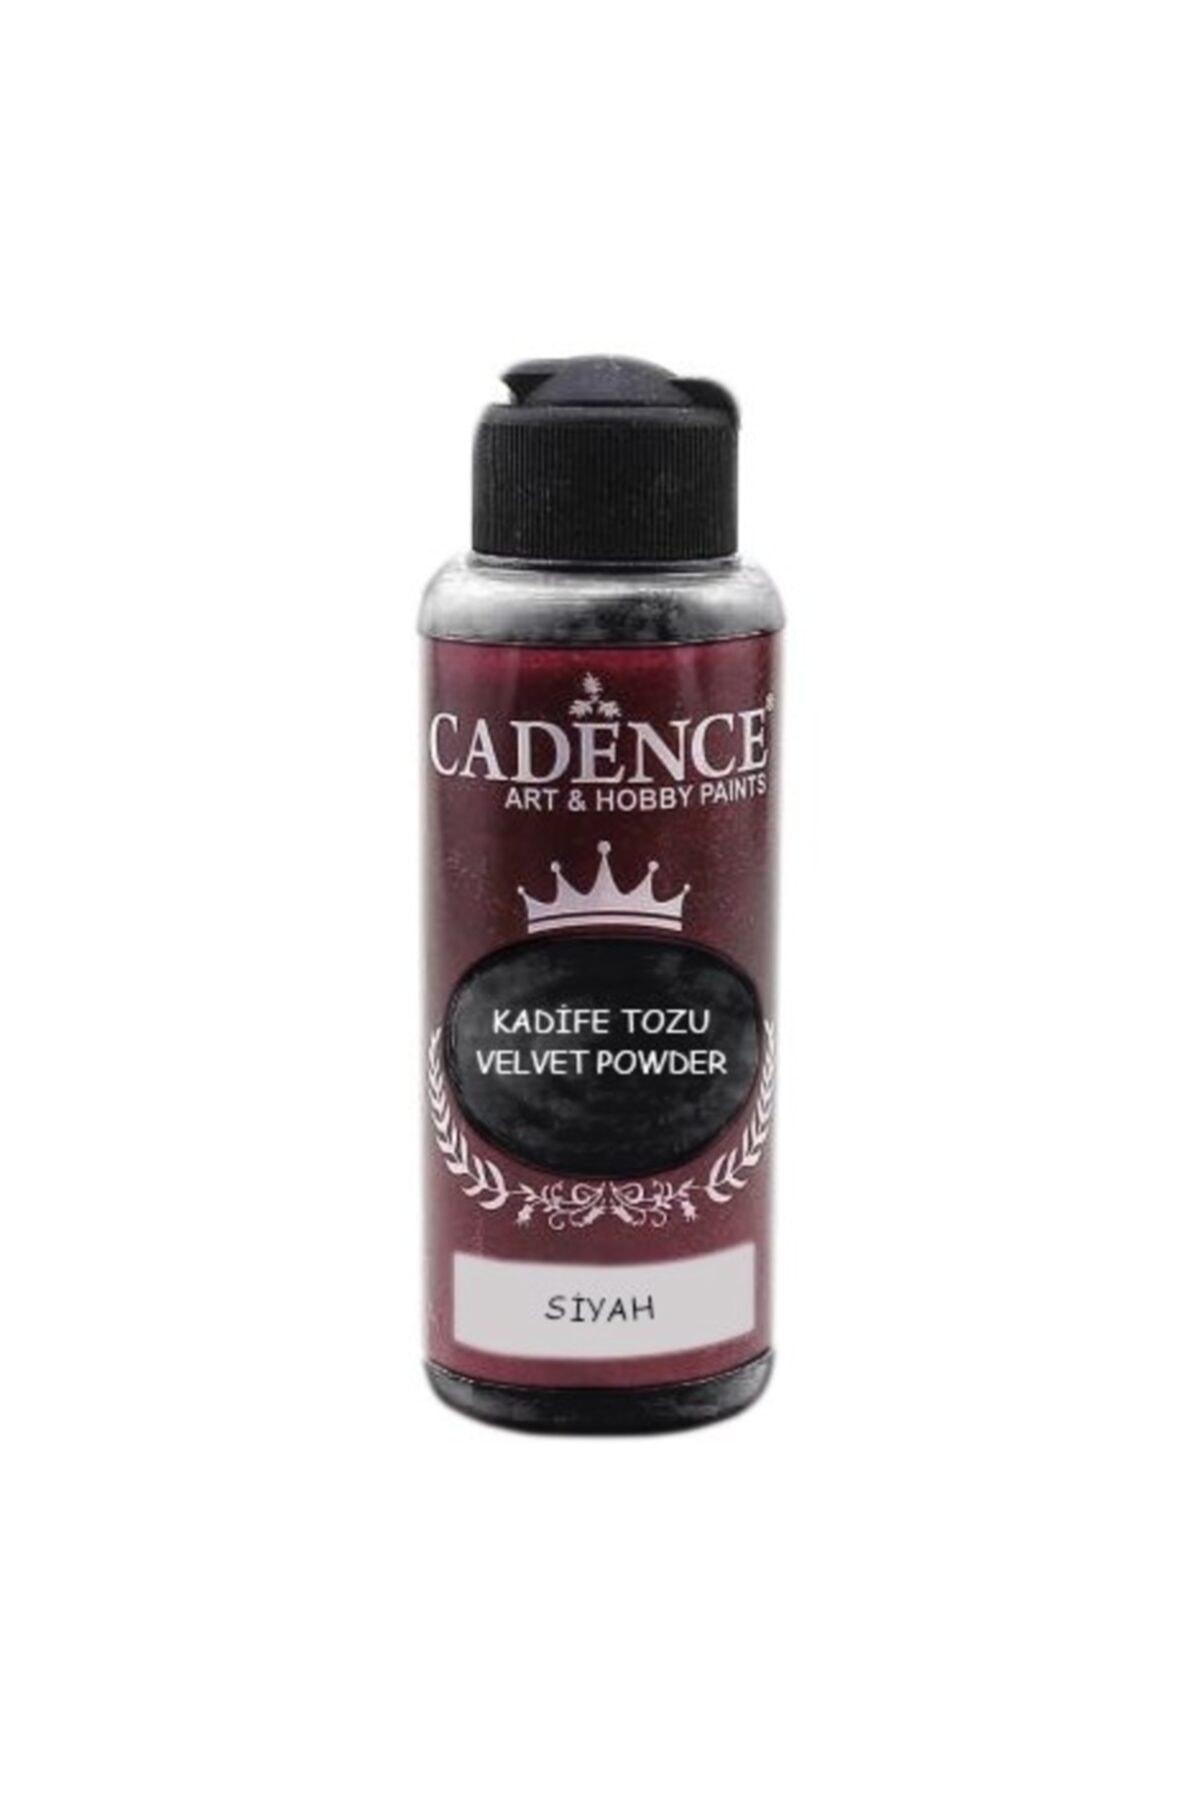 Cadence Kadife Tozu Siyah